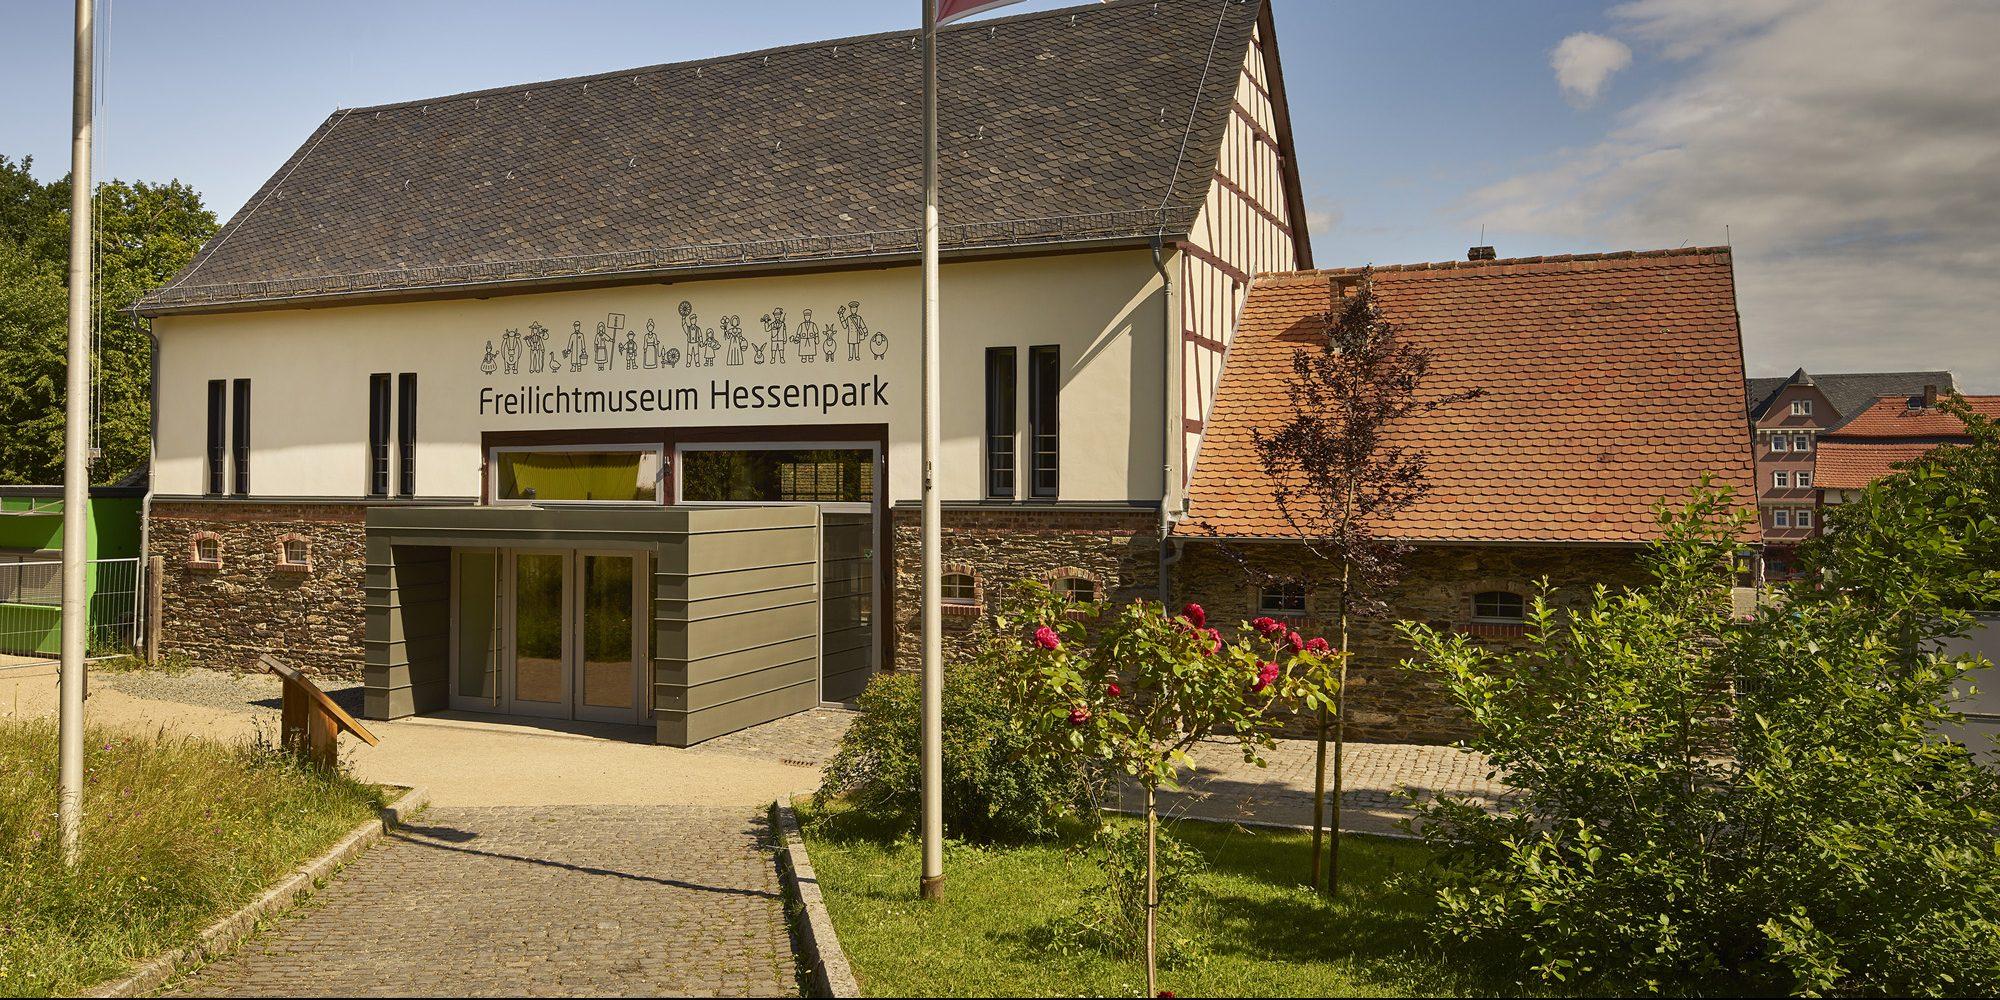 Blick auf das neue Eingangsgebäude, die Scheune aus Westerfeld